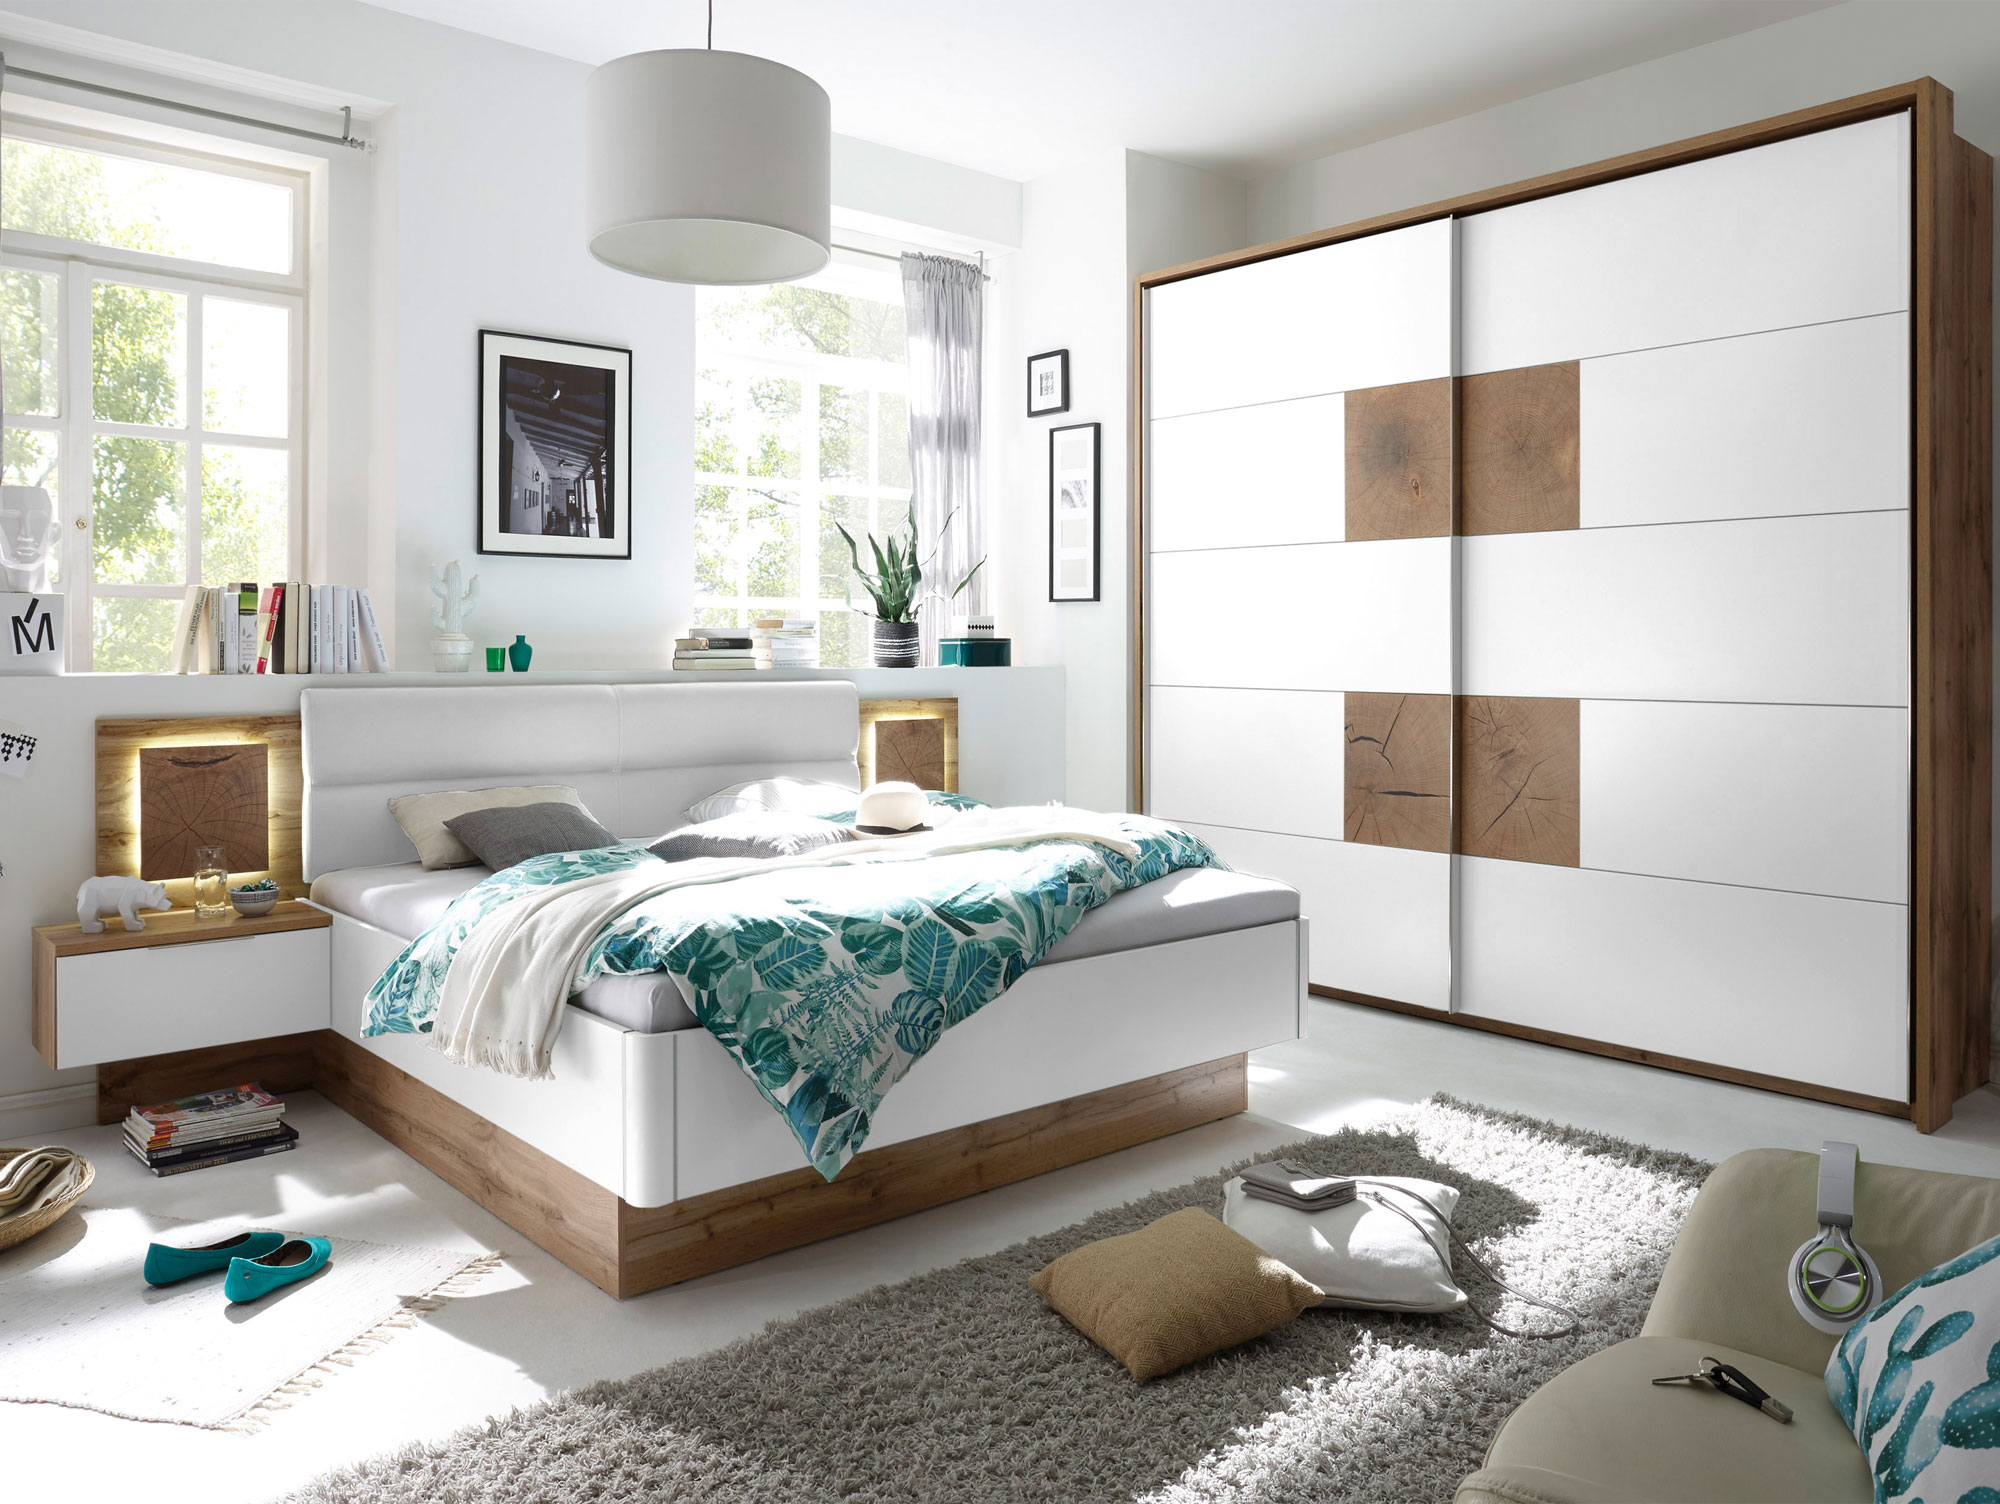 Cameron i schlafzimmer inkl nakos wildeiche weiss for Mobel schlafzimmer komplett